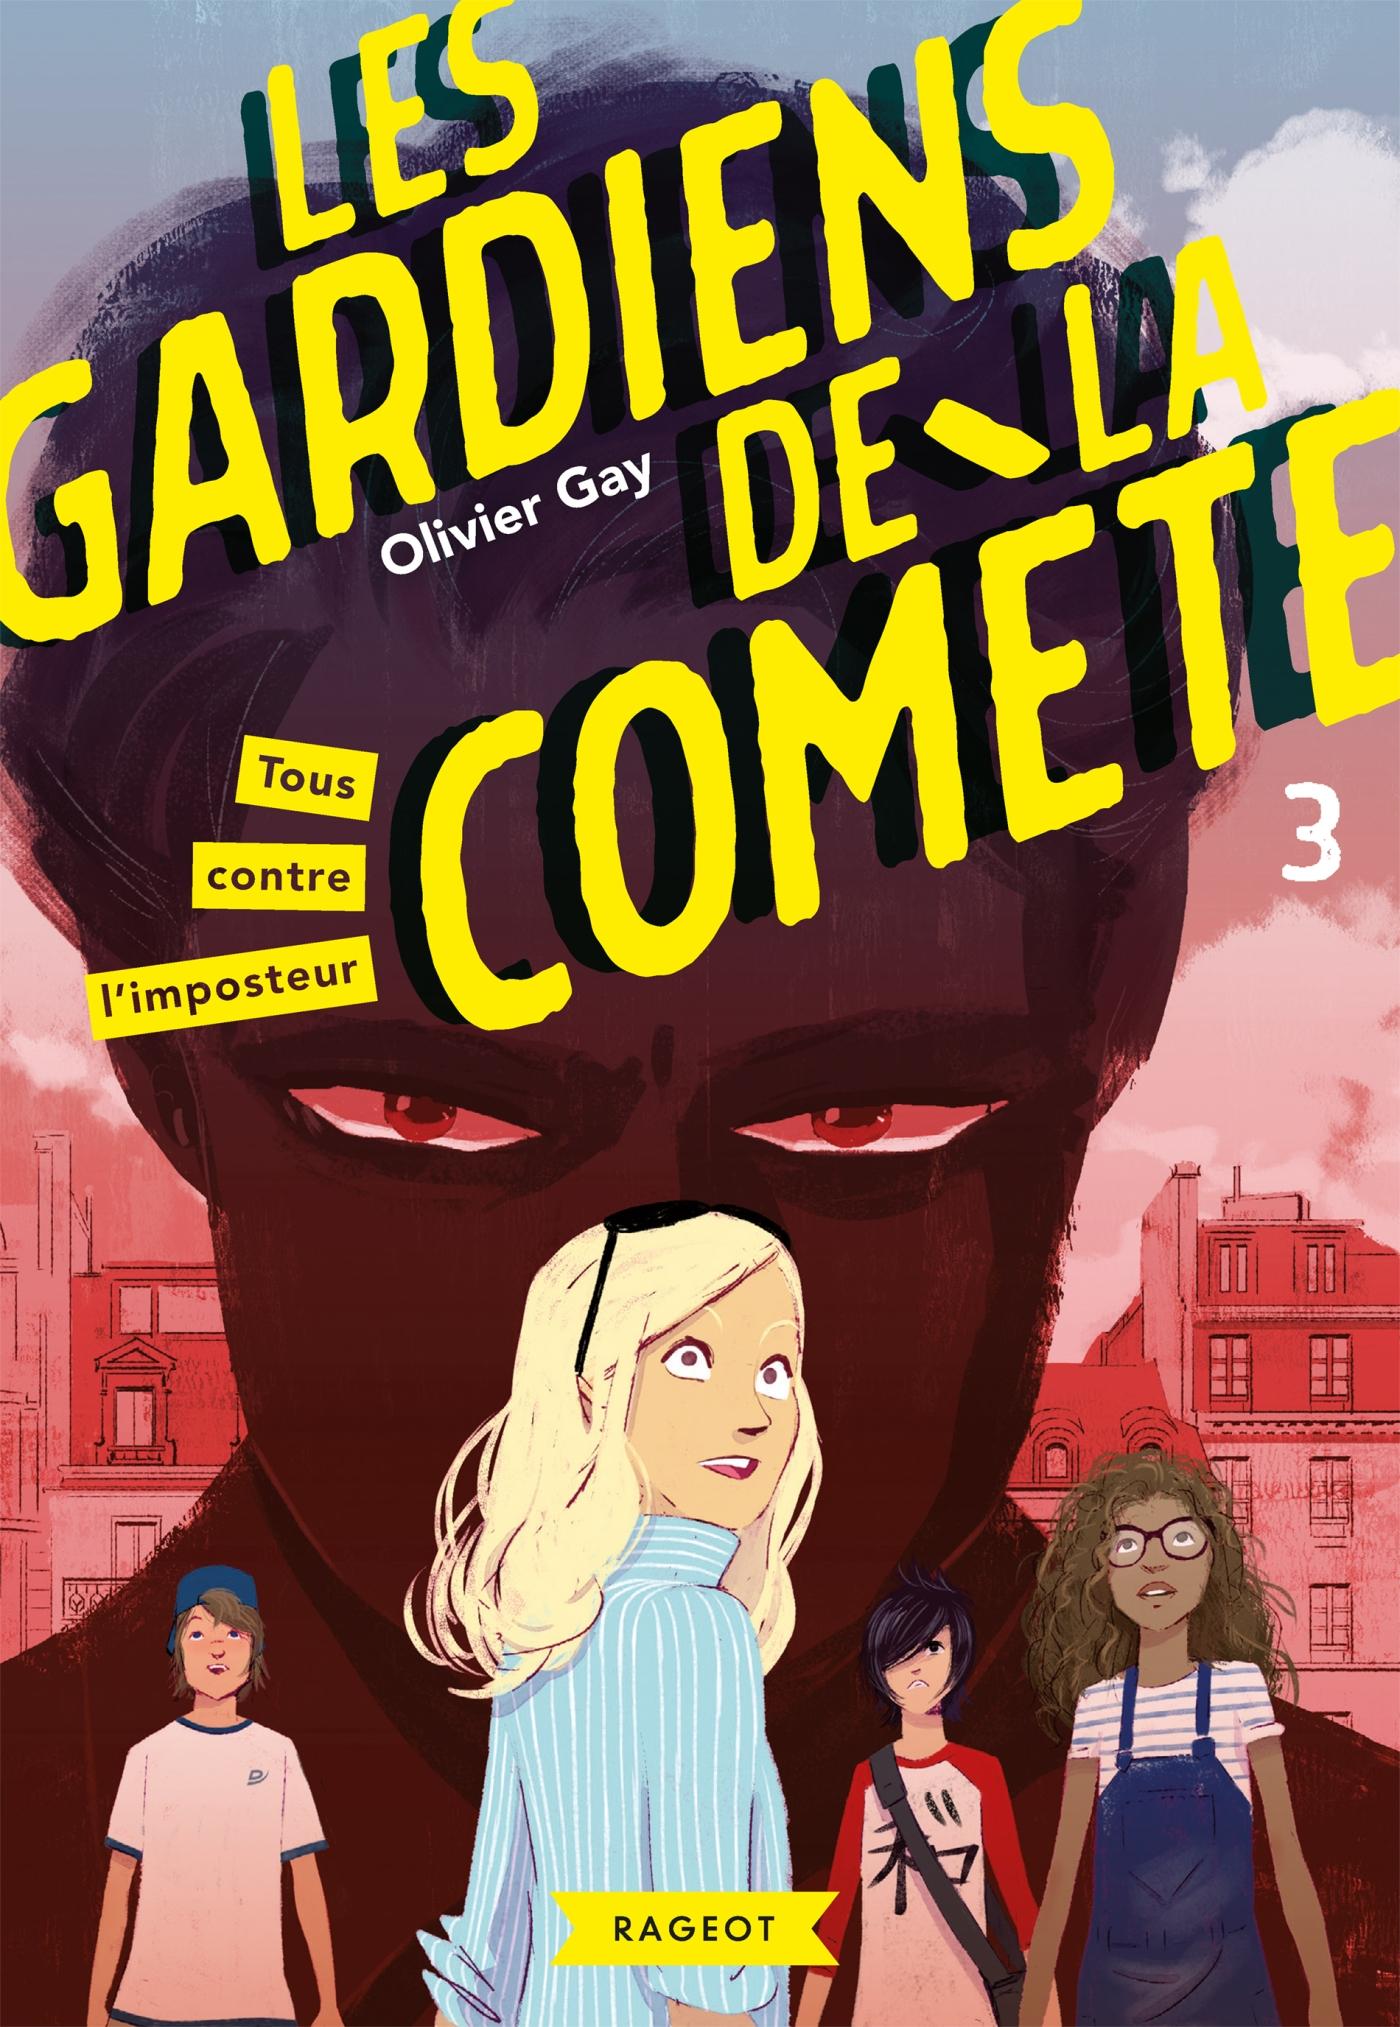 Les gardiens de la comète - Tous contre l'imposteur